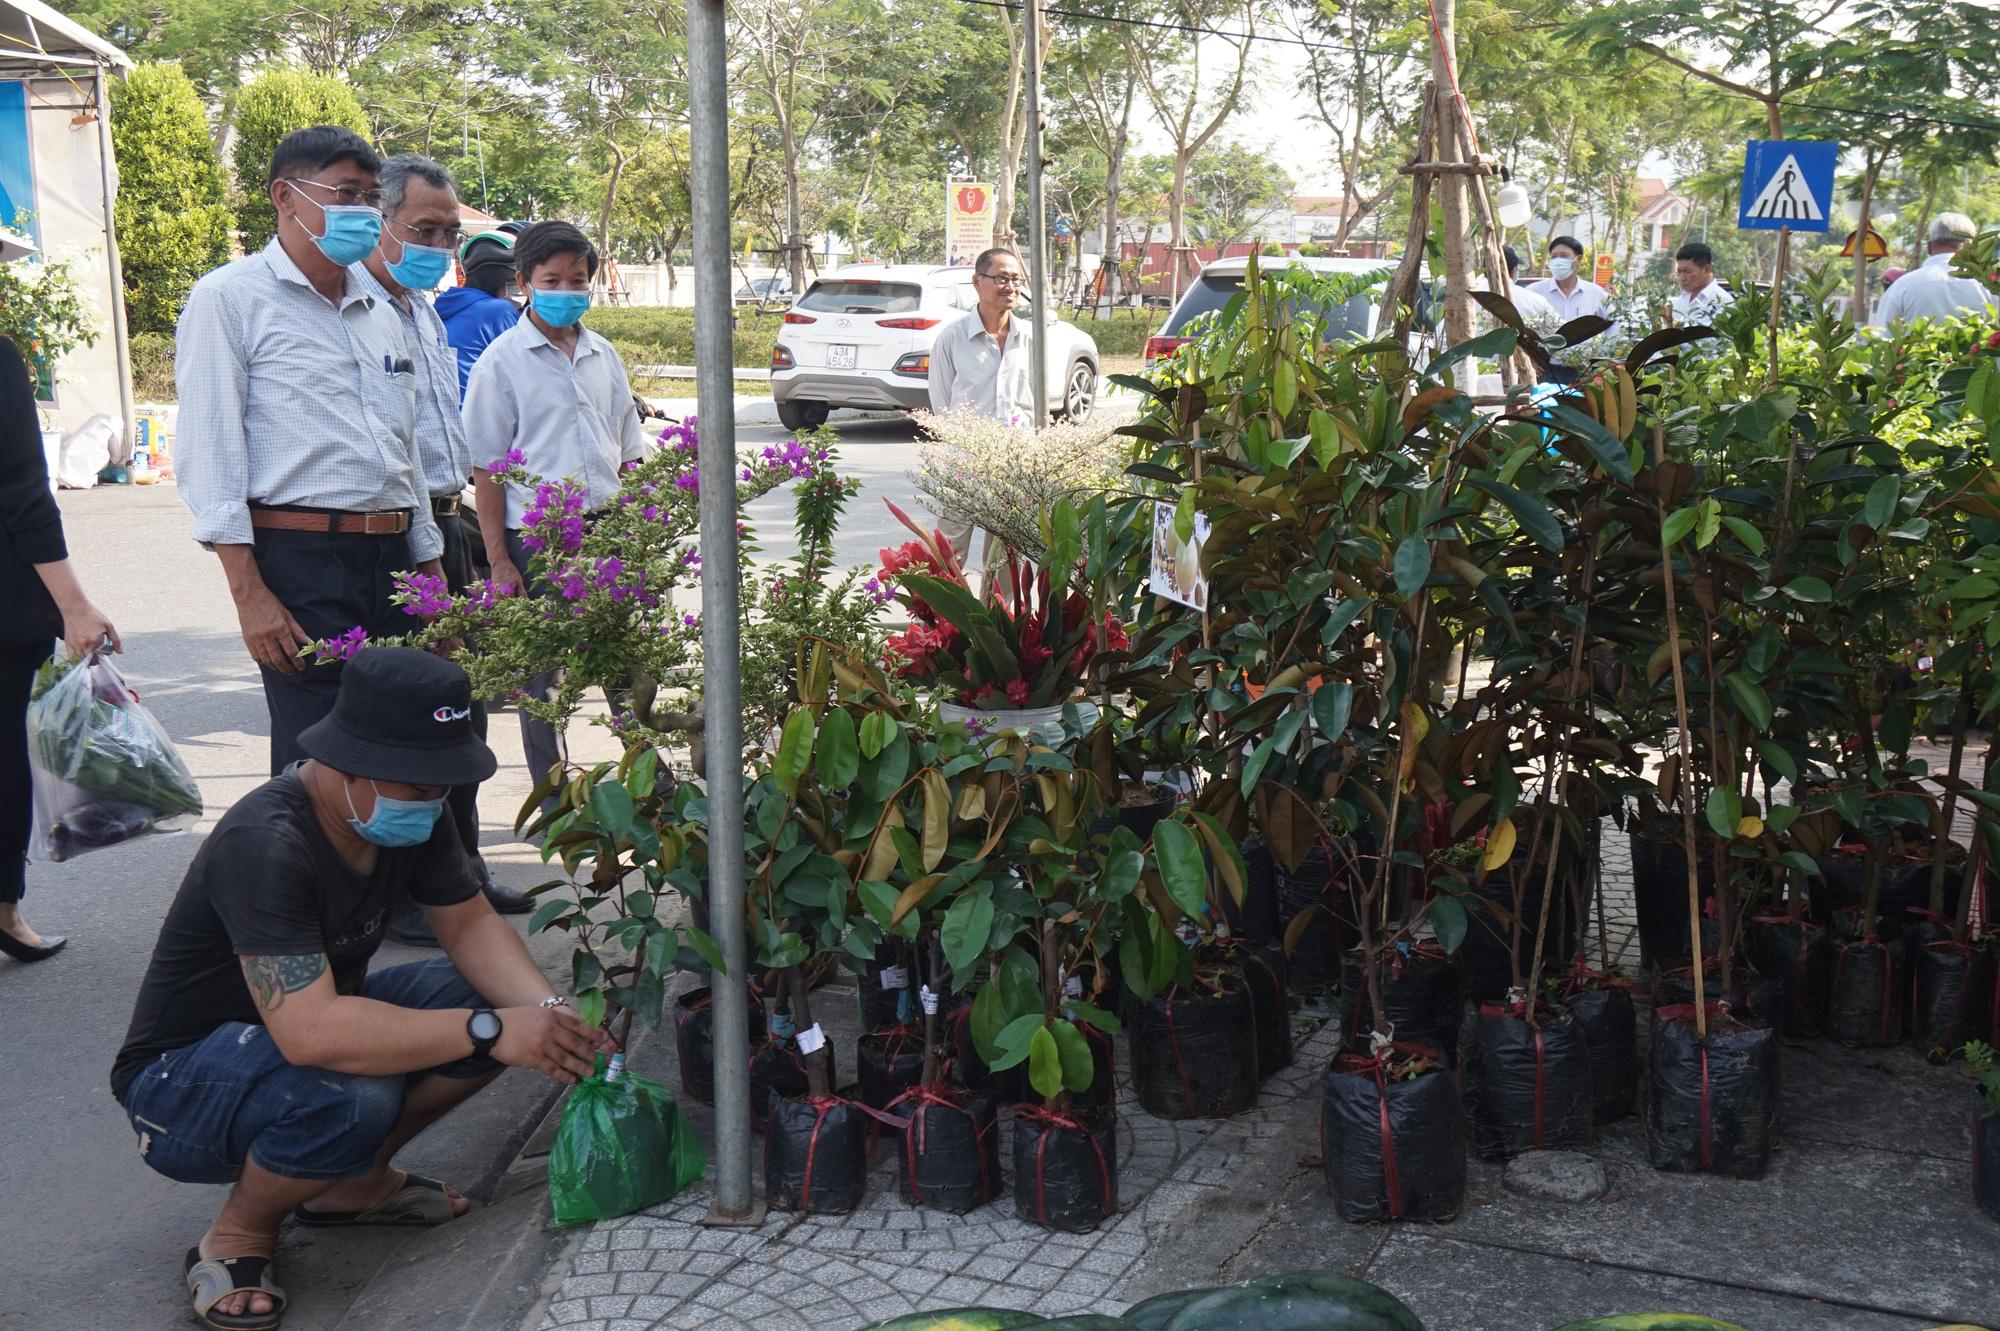 Đà Nẵng: Sản phẩm OCOP, rau sạch hút hàng tại Phiên sợ nông sản - Ảnh 9.